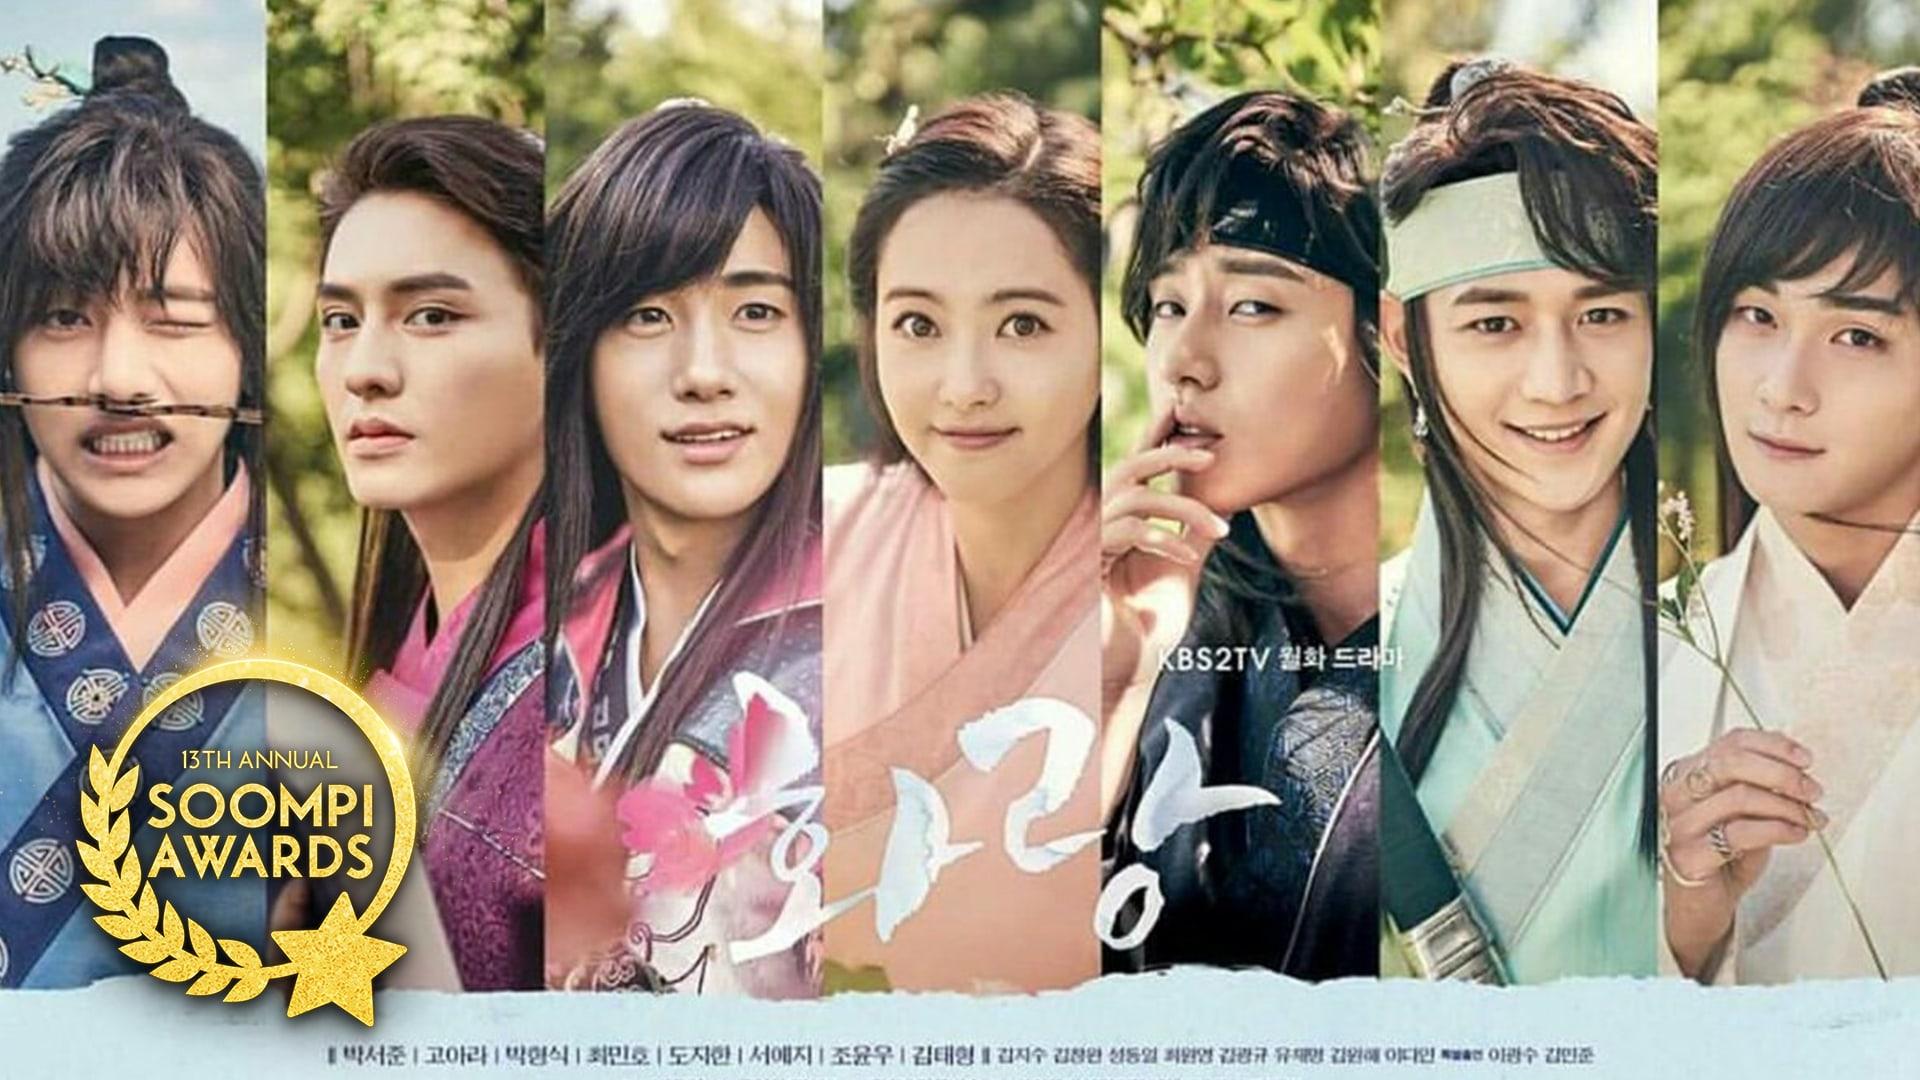 Las 10 mejores bandas sonoras de K-dramas de 2017 que nunca olvidaremos